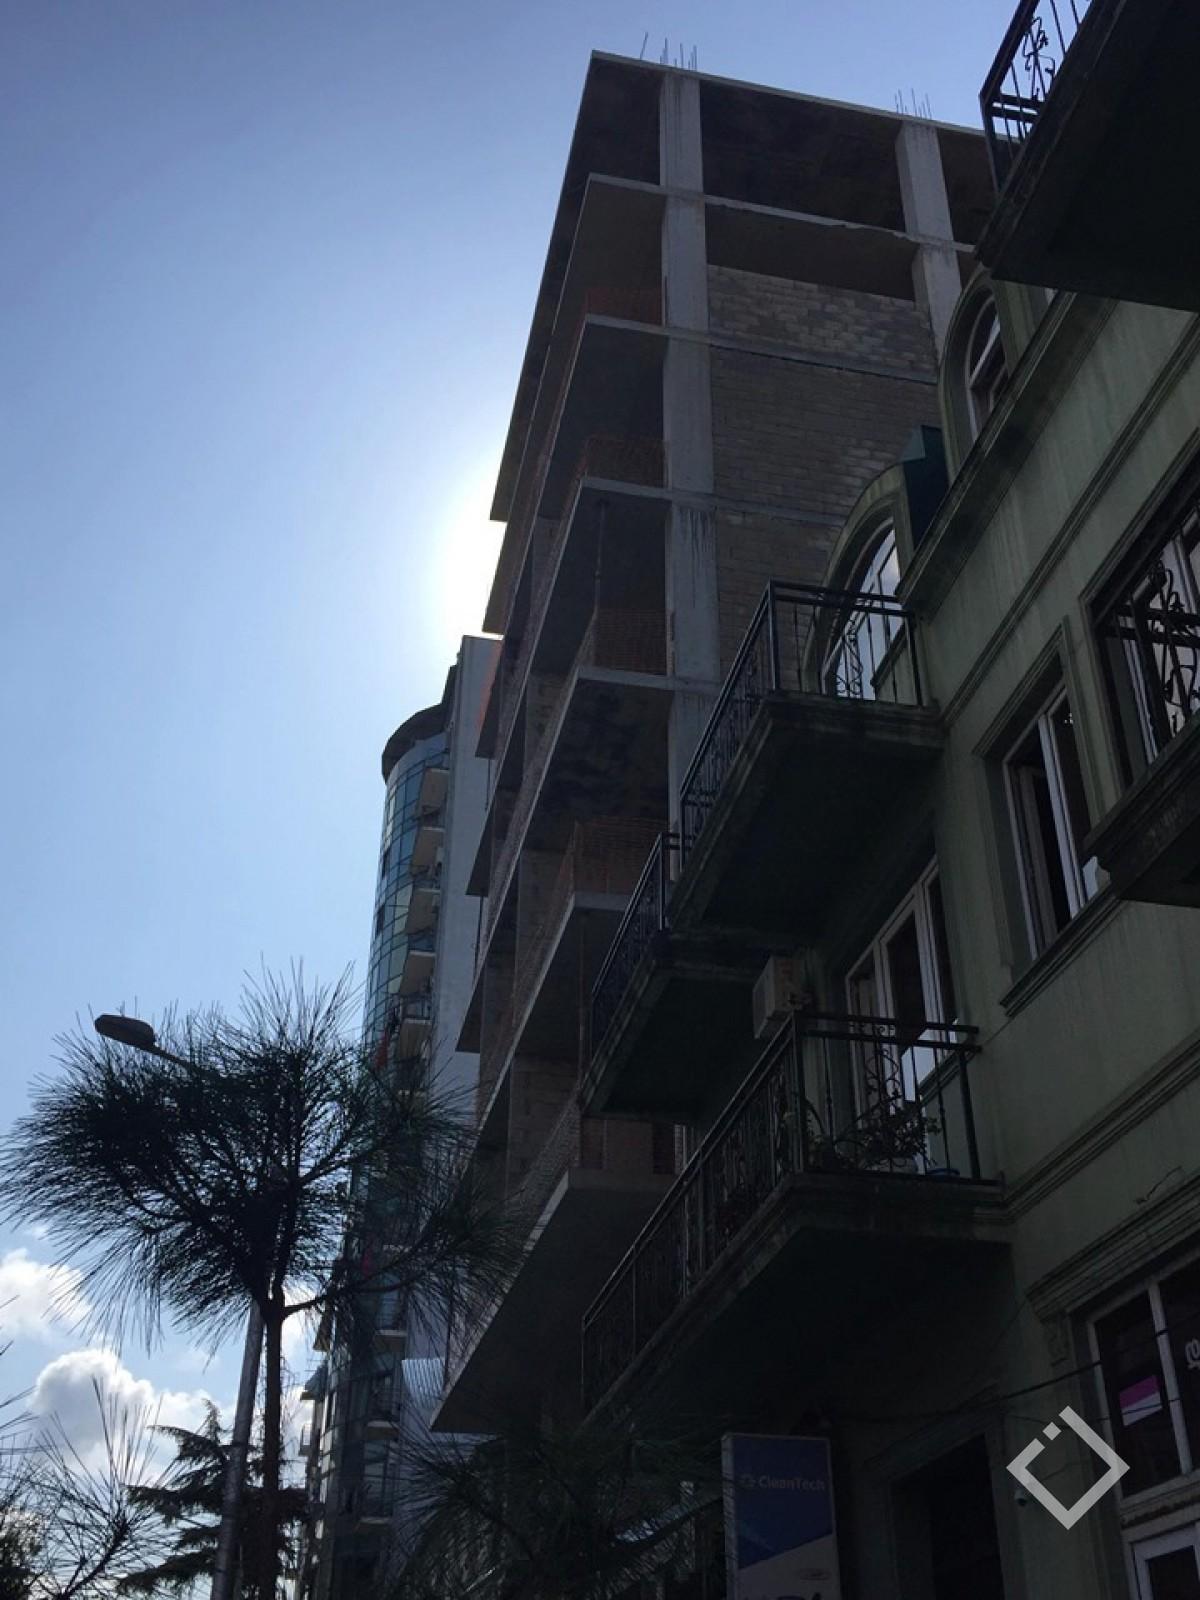 ვინ დაანგრევს ბათუმის ცენტრში უკანონოდ აშენებულ 8 სართულიან სახლს